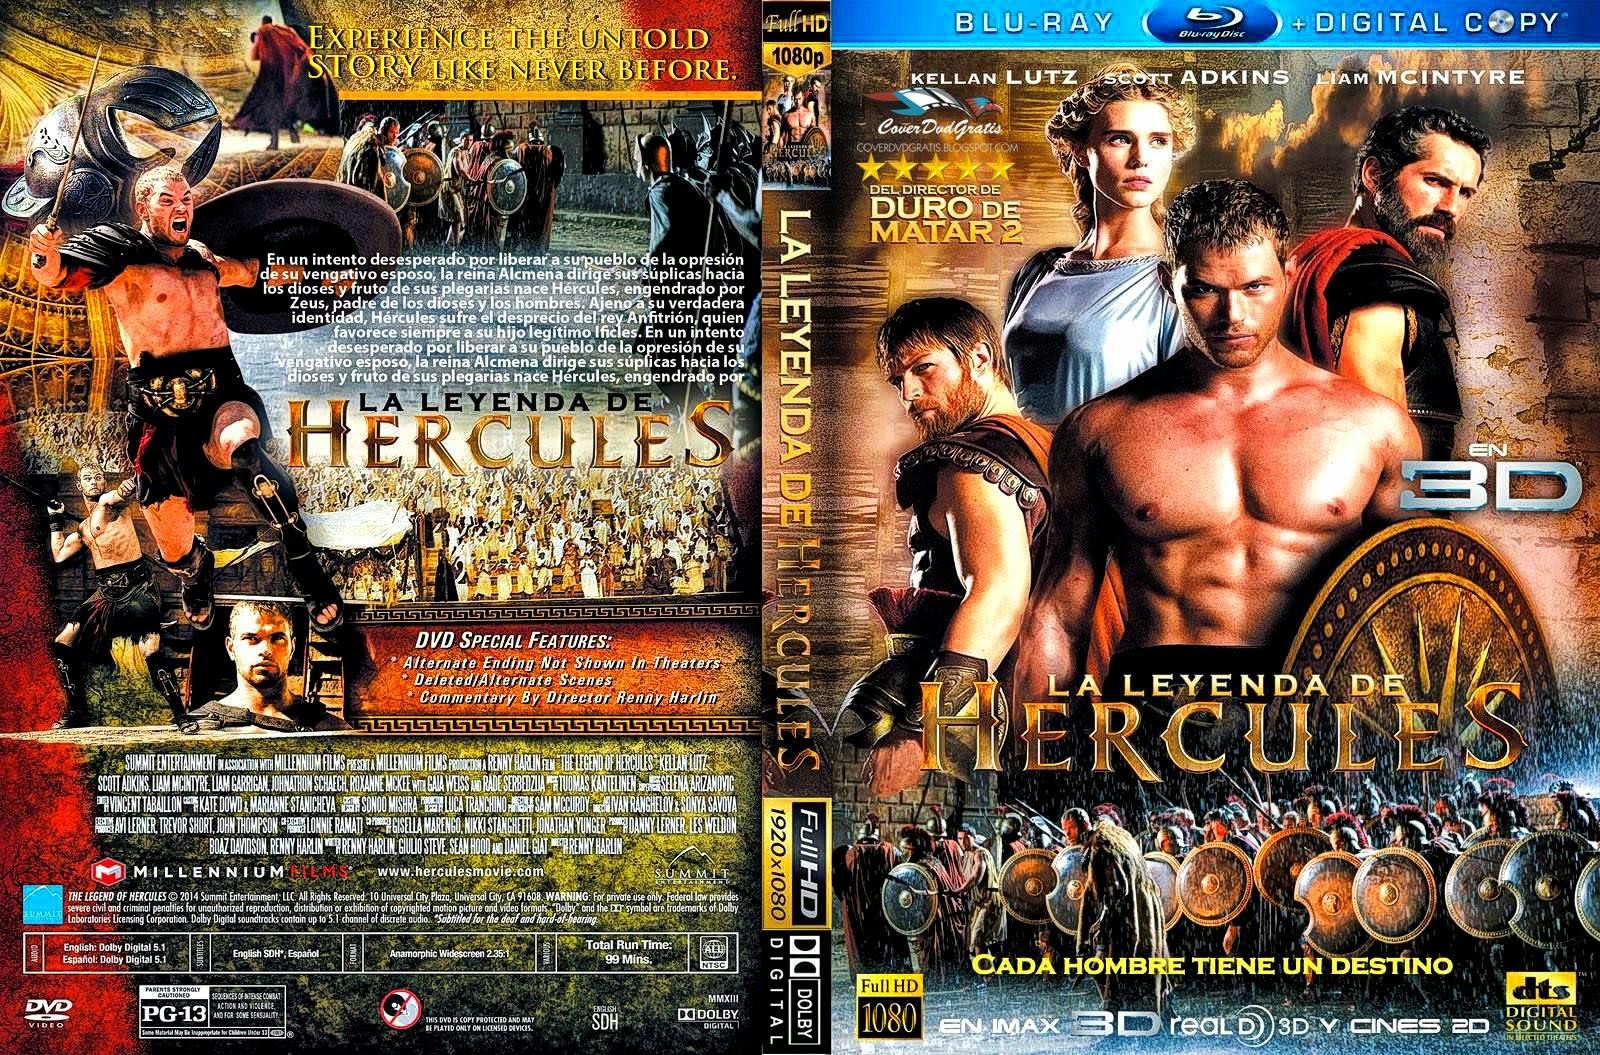 The Legend of Hercules 2014 DVD COVER - CoverDvdGratis